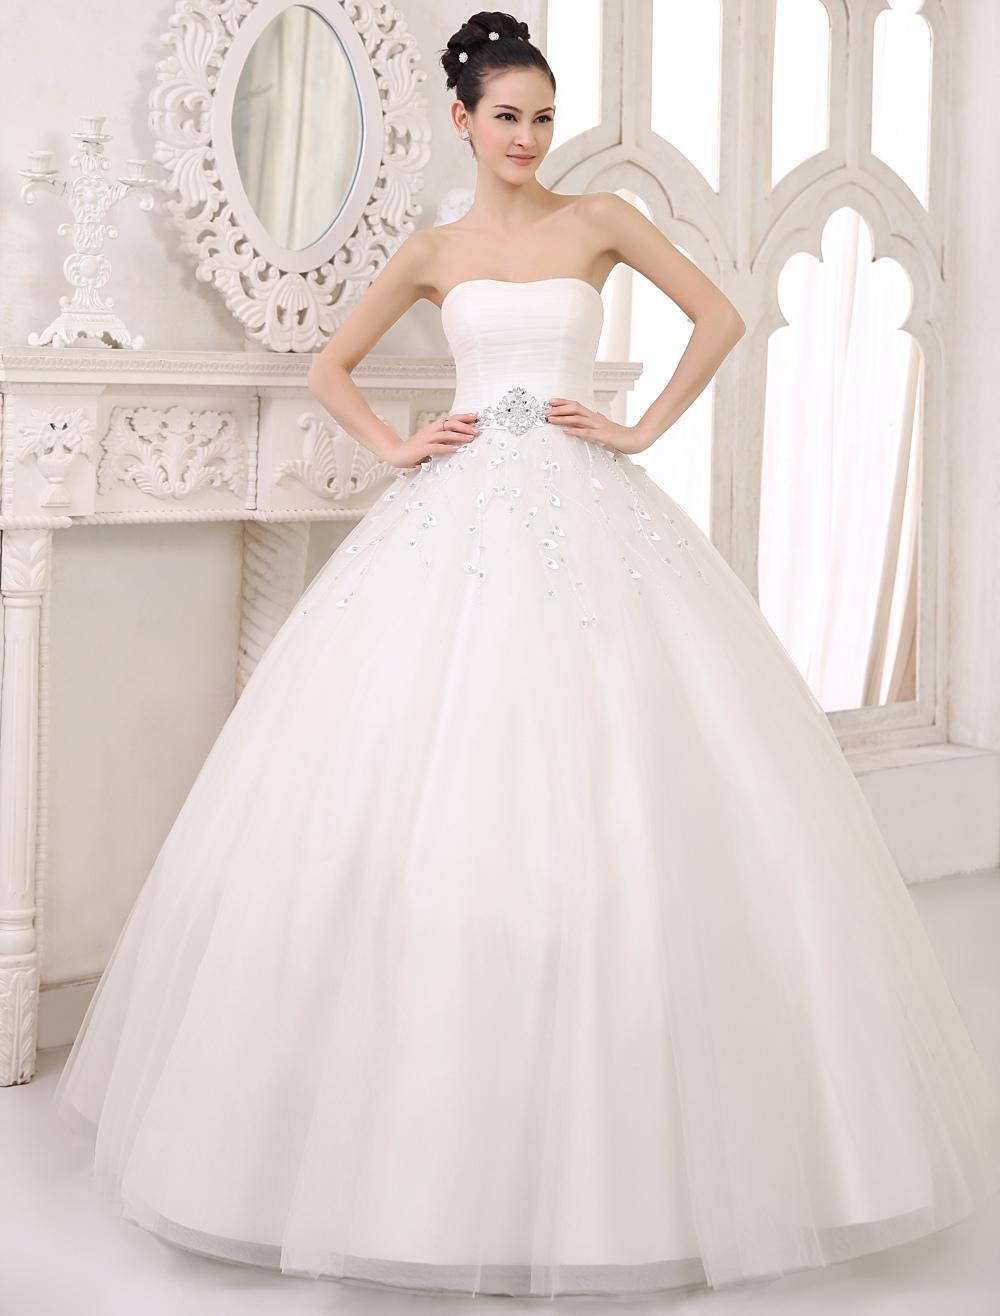 Trägerloses Brautkleid aus Tüll - Princess-Stil - flanevo